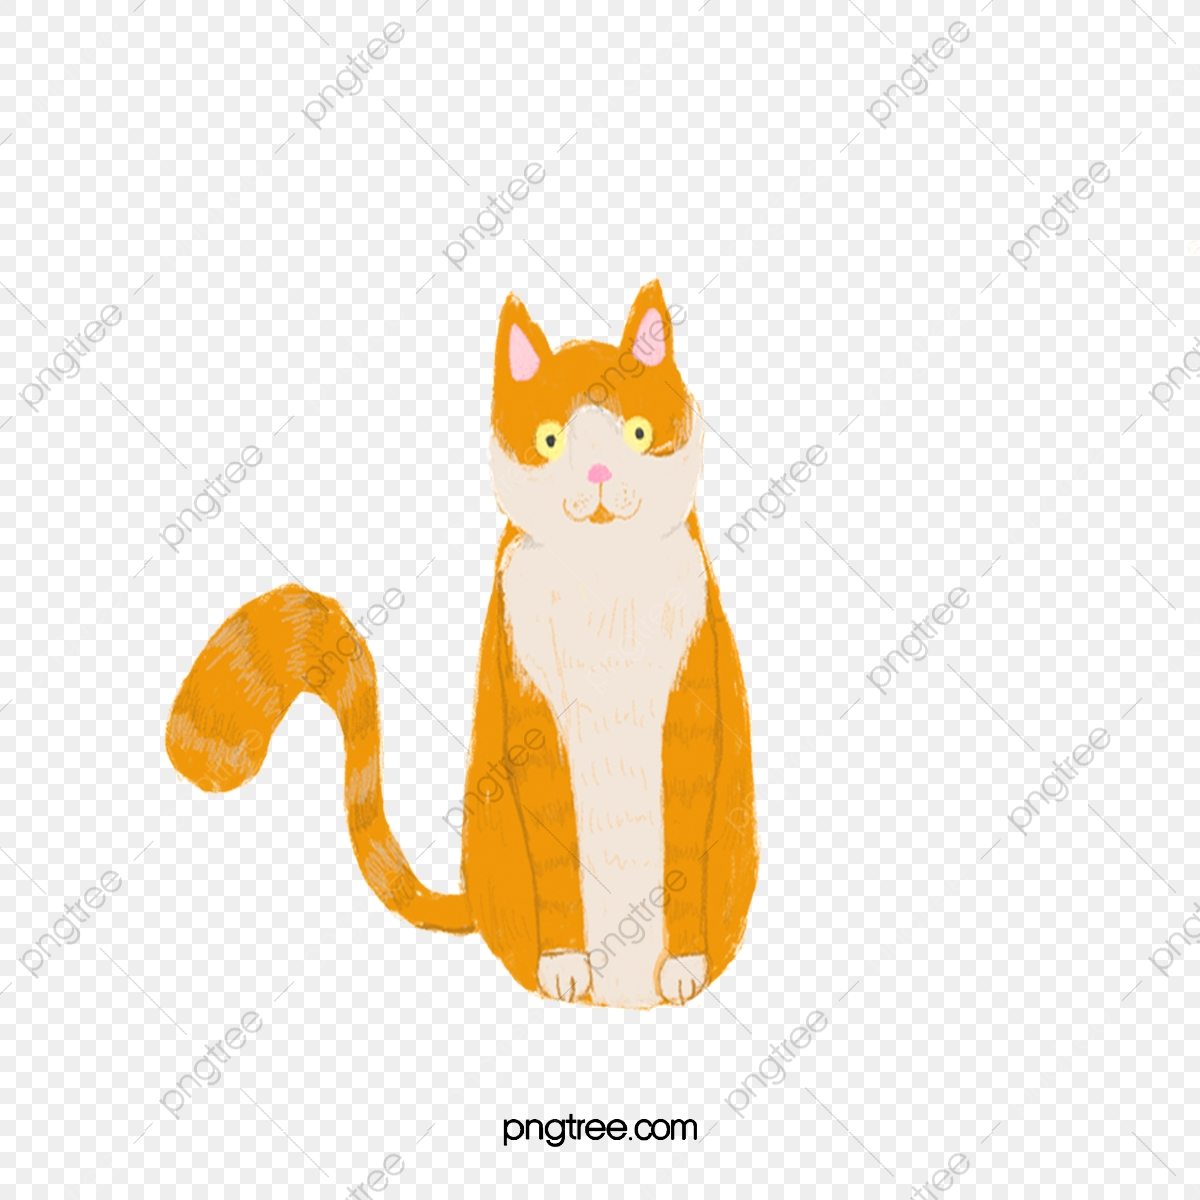 オレンジ色の動物猫 オレンジ色 動物 猫画像とpsd素材